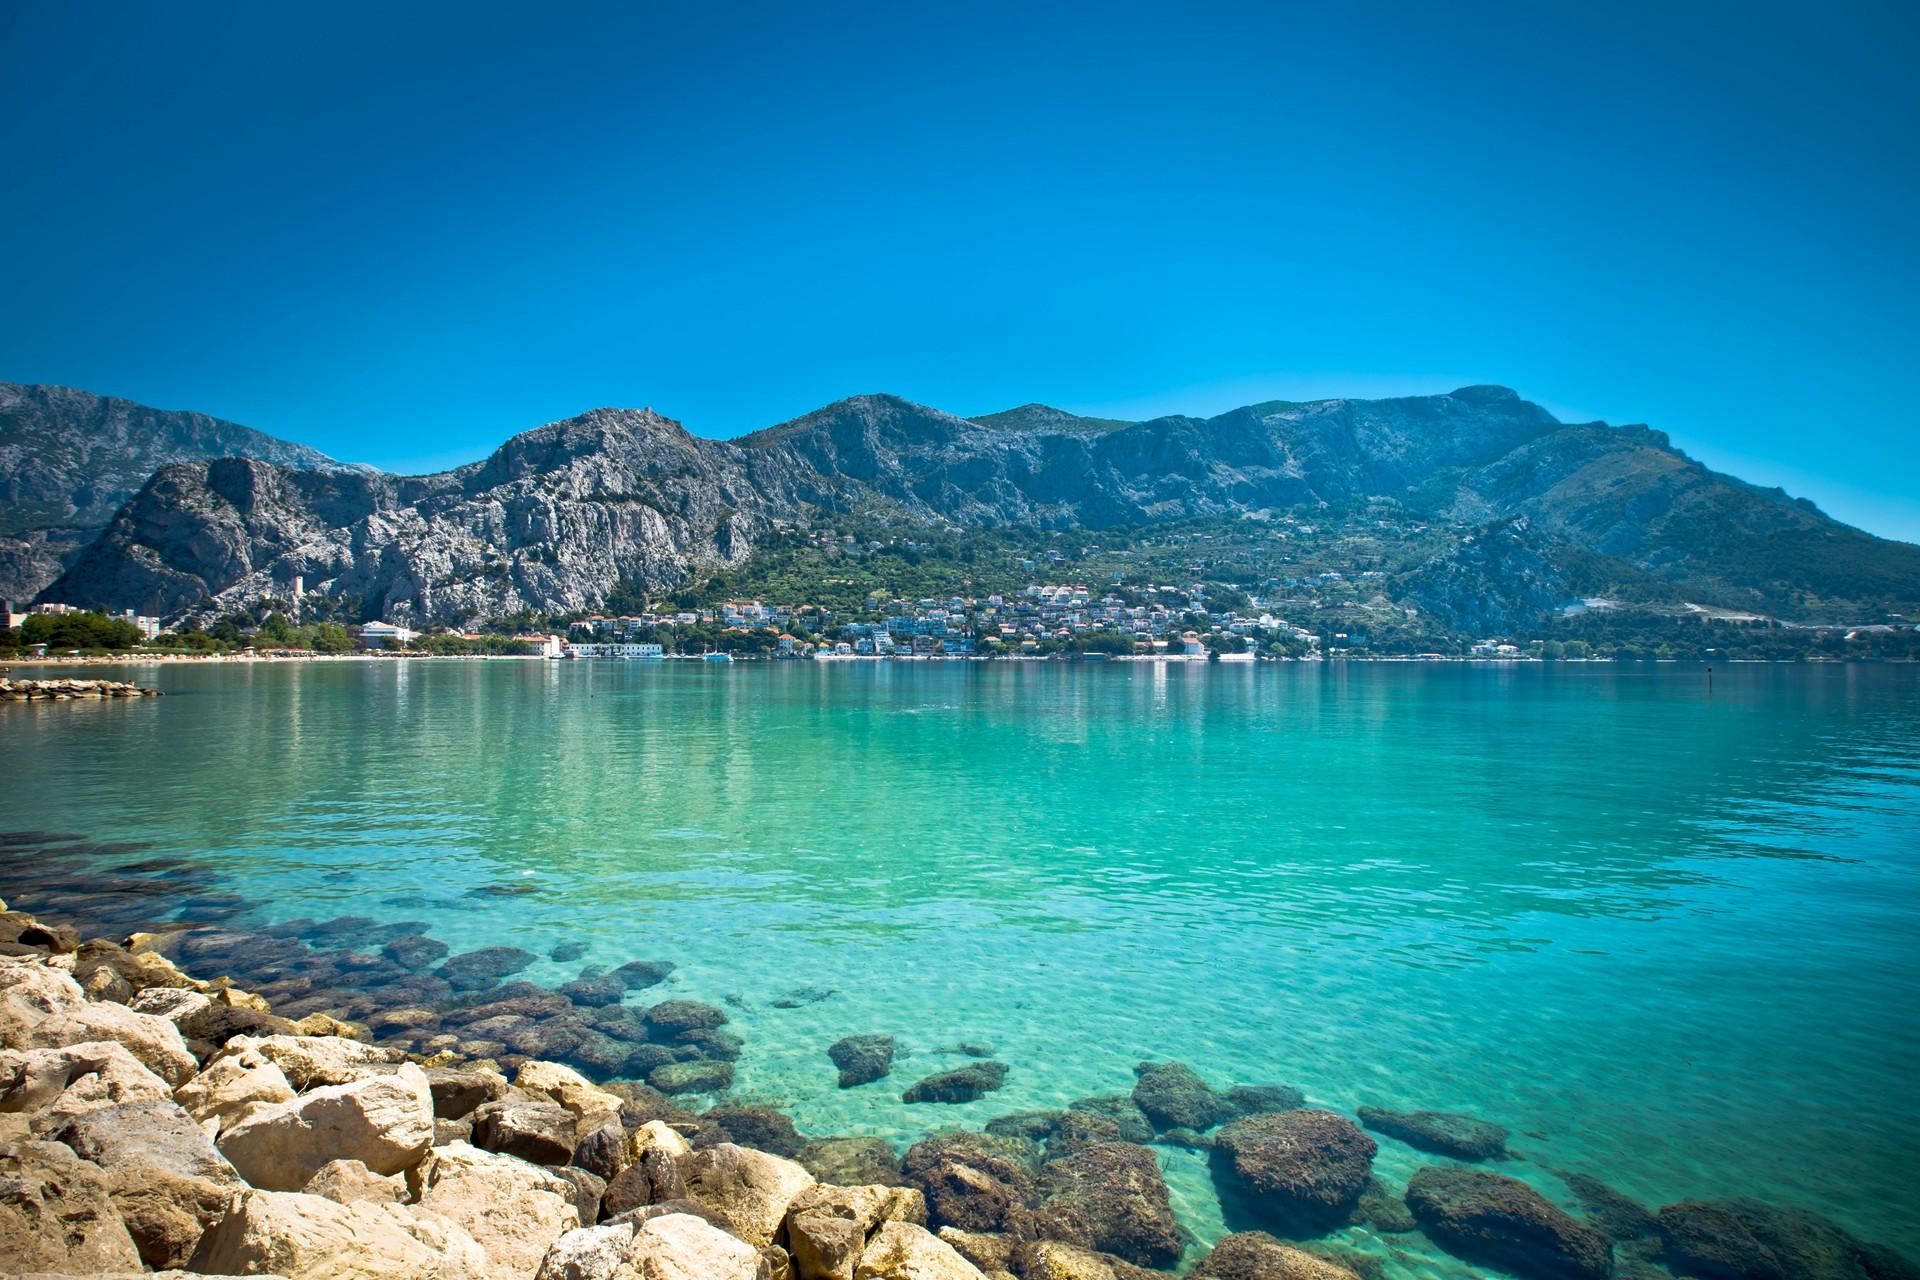 Zuid-Dalmatië